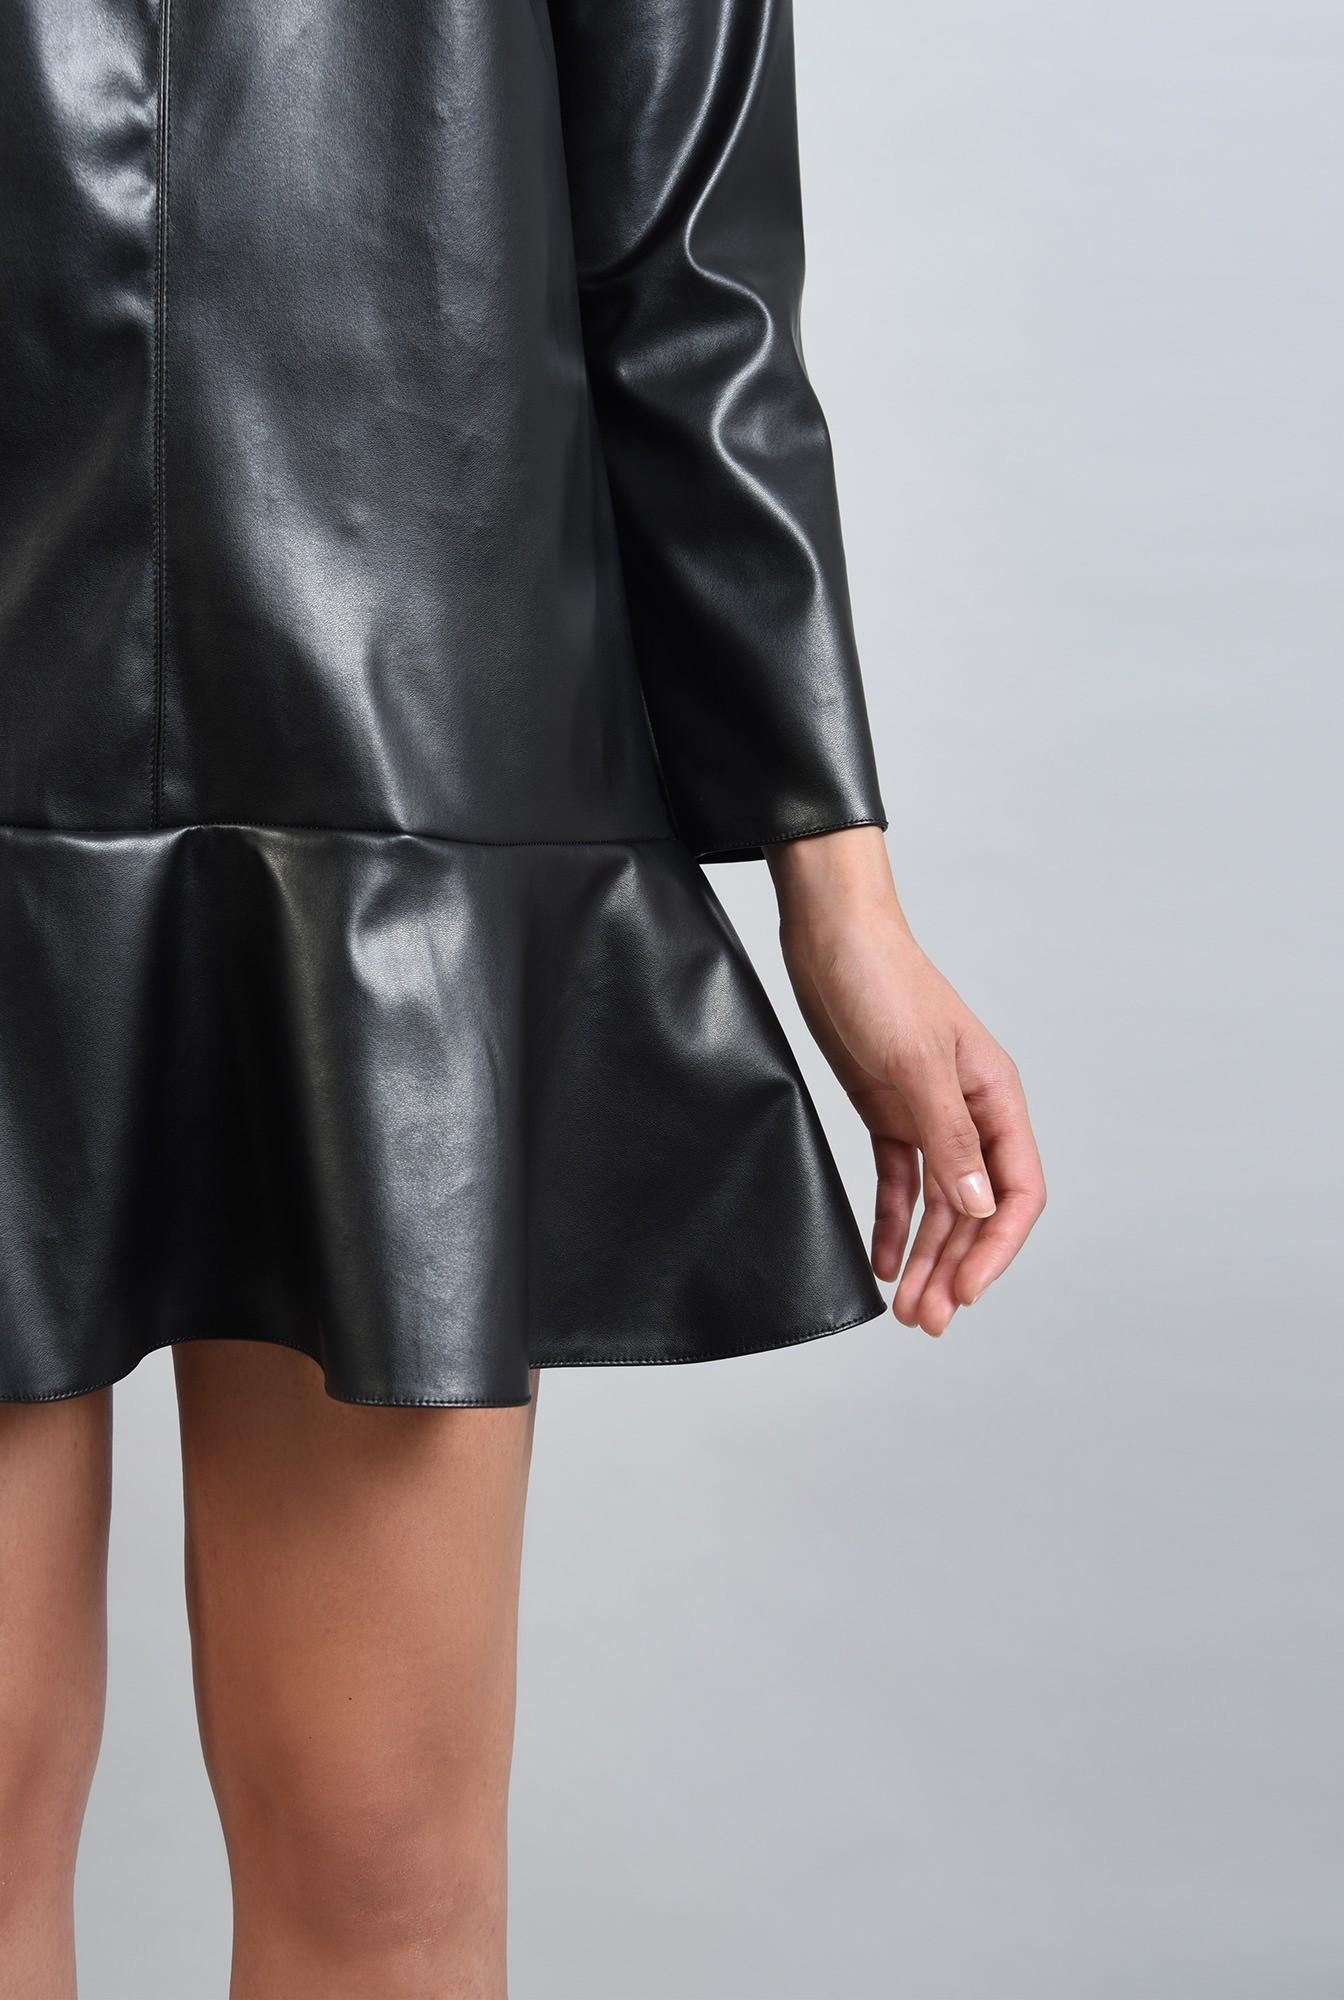 2 - rochie mini,din piele ecologica, cu volan